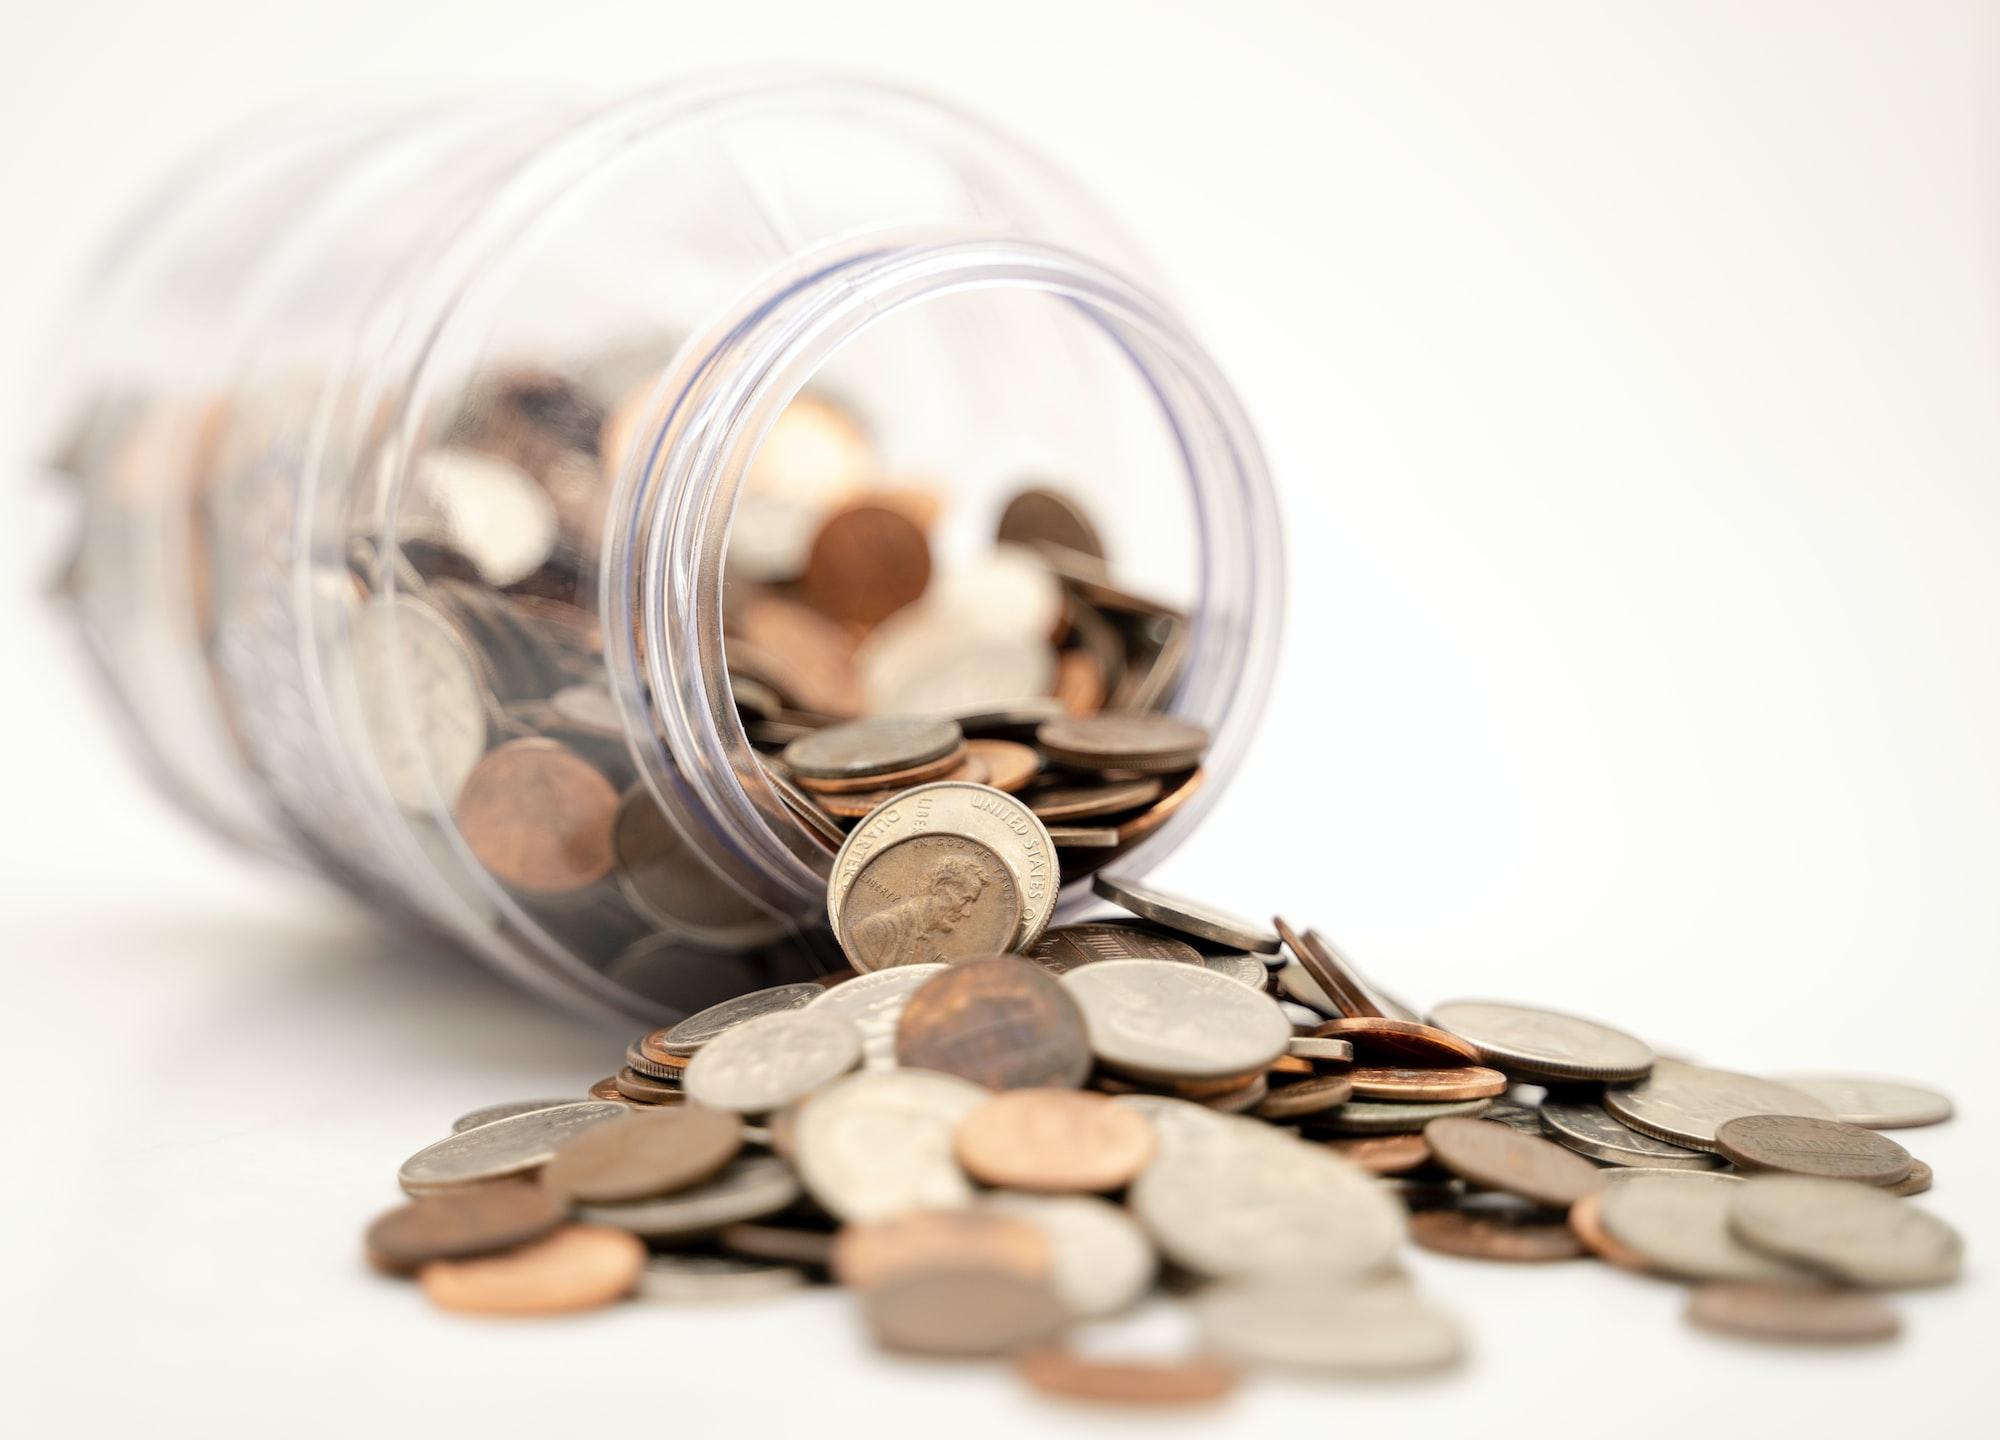 Como falar com as crianças sobre dinheiro? (Podcast)